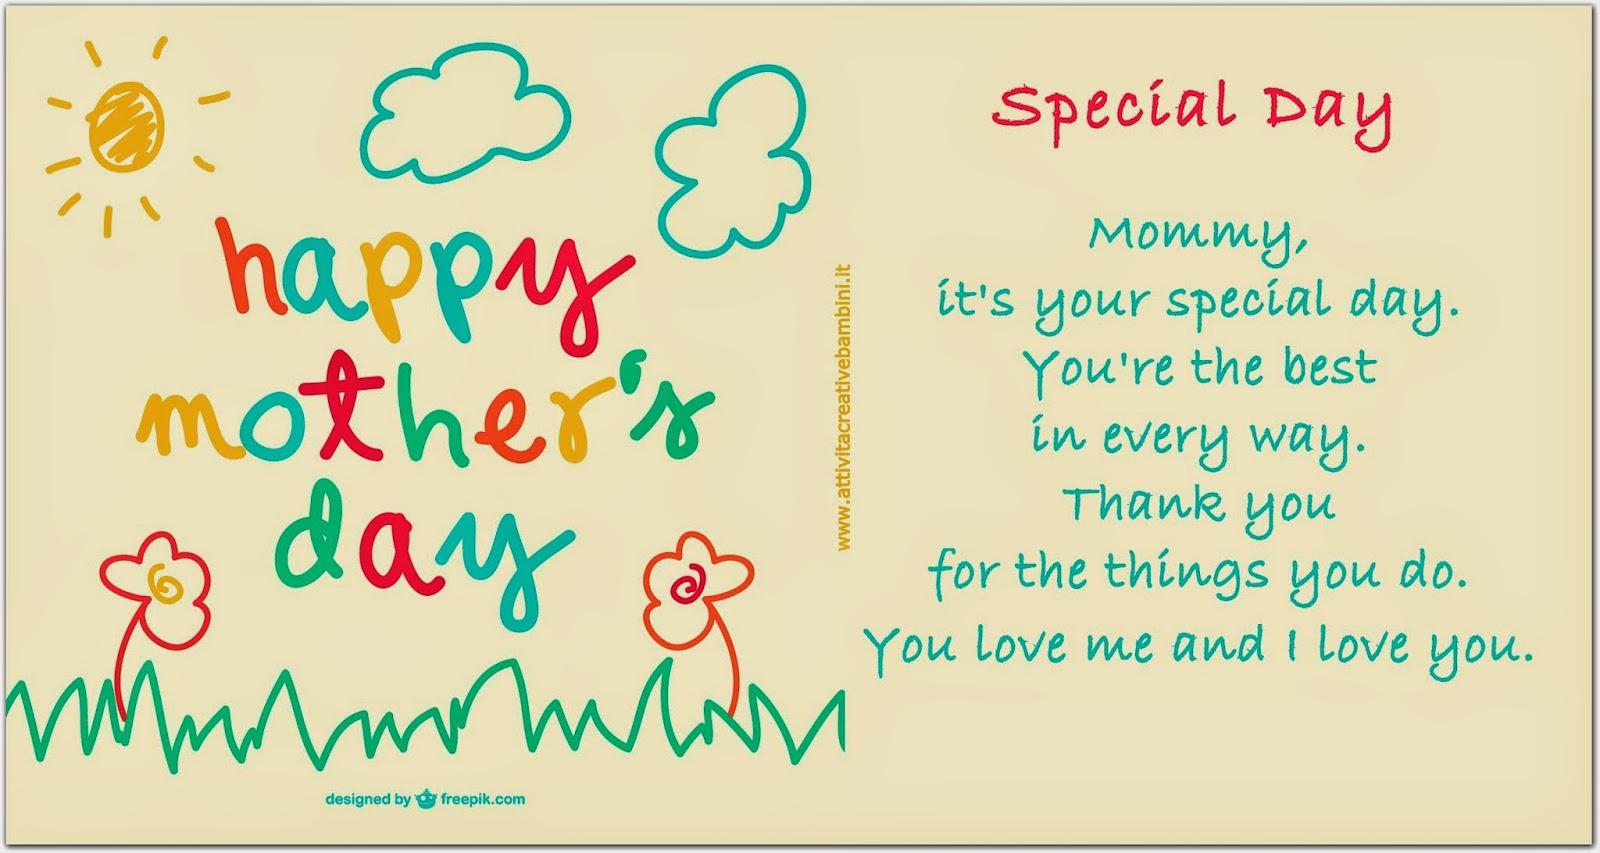 Imparare a recitare poesie è un ottimo esercizio di memoria! Special Day Poesia In Inglese Per La Festa Della Mamma